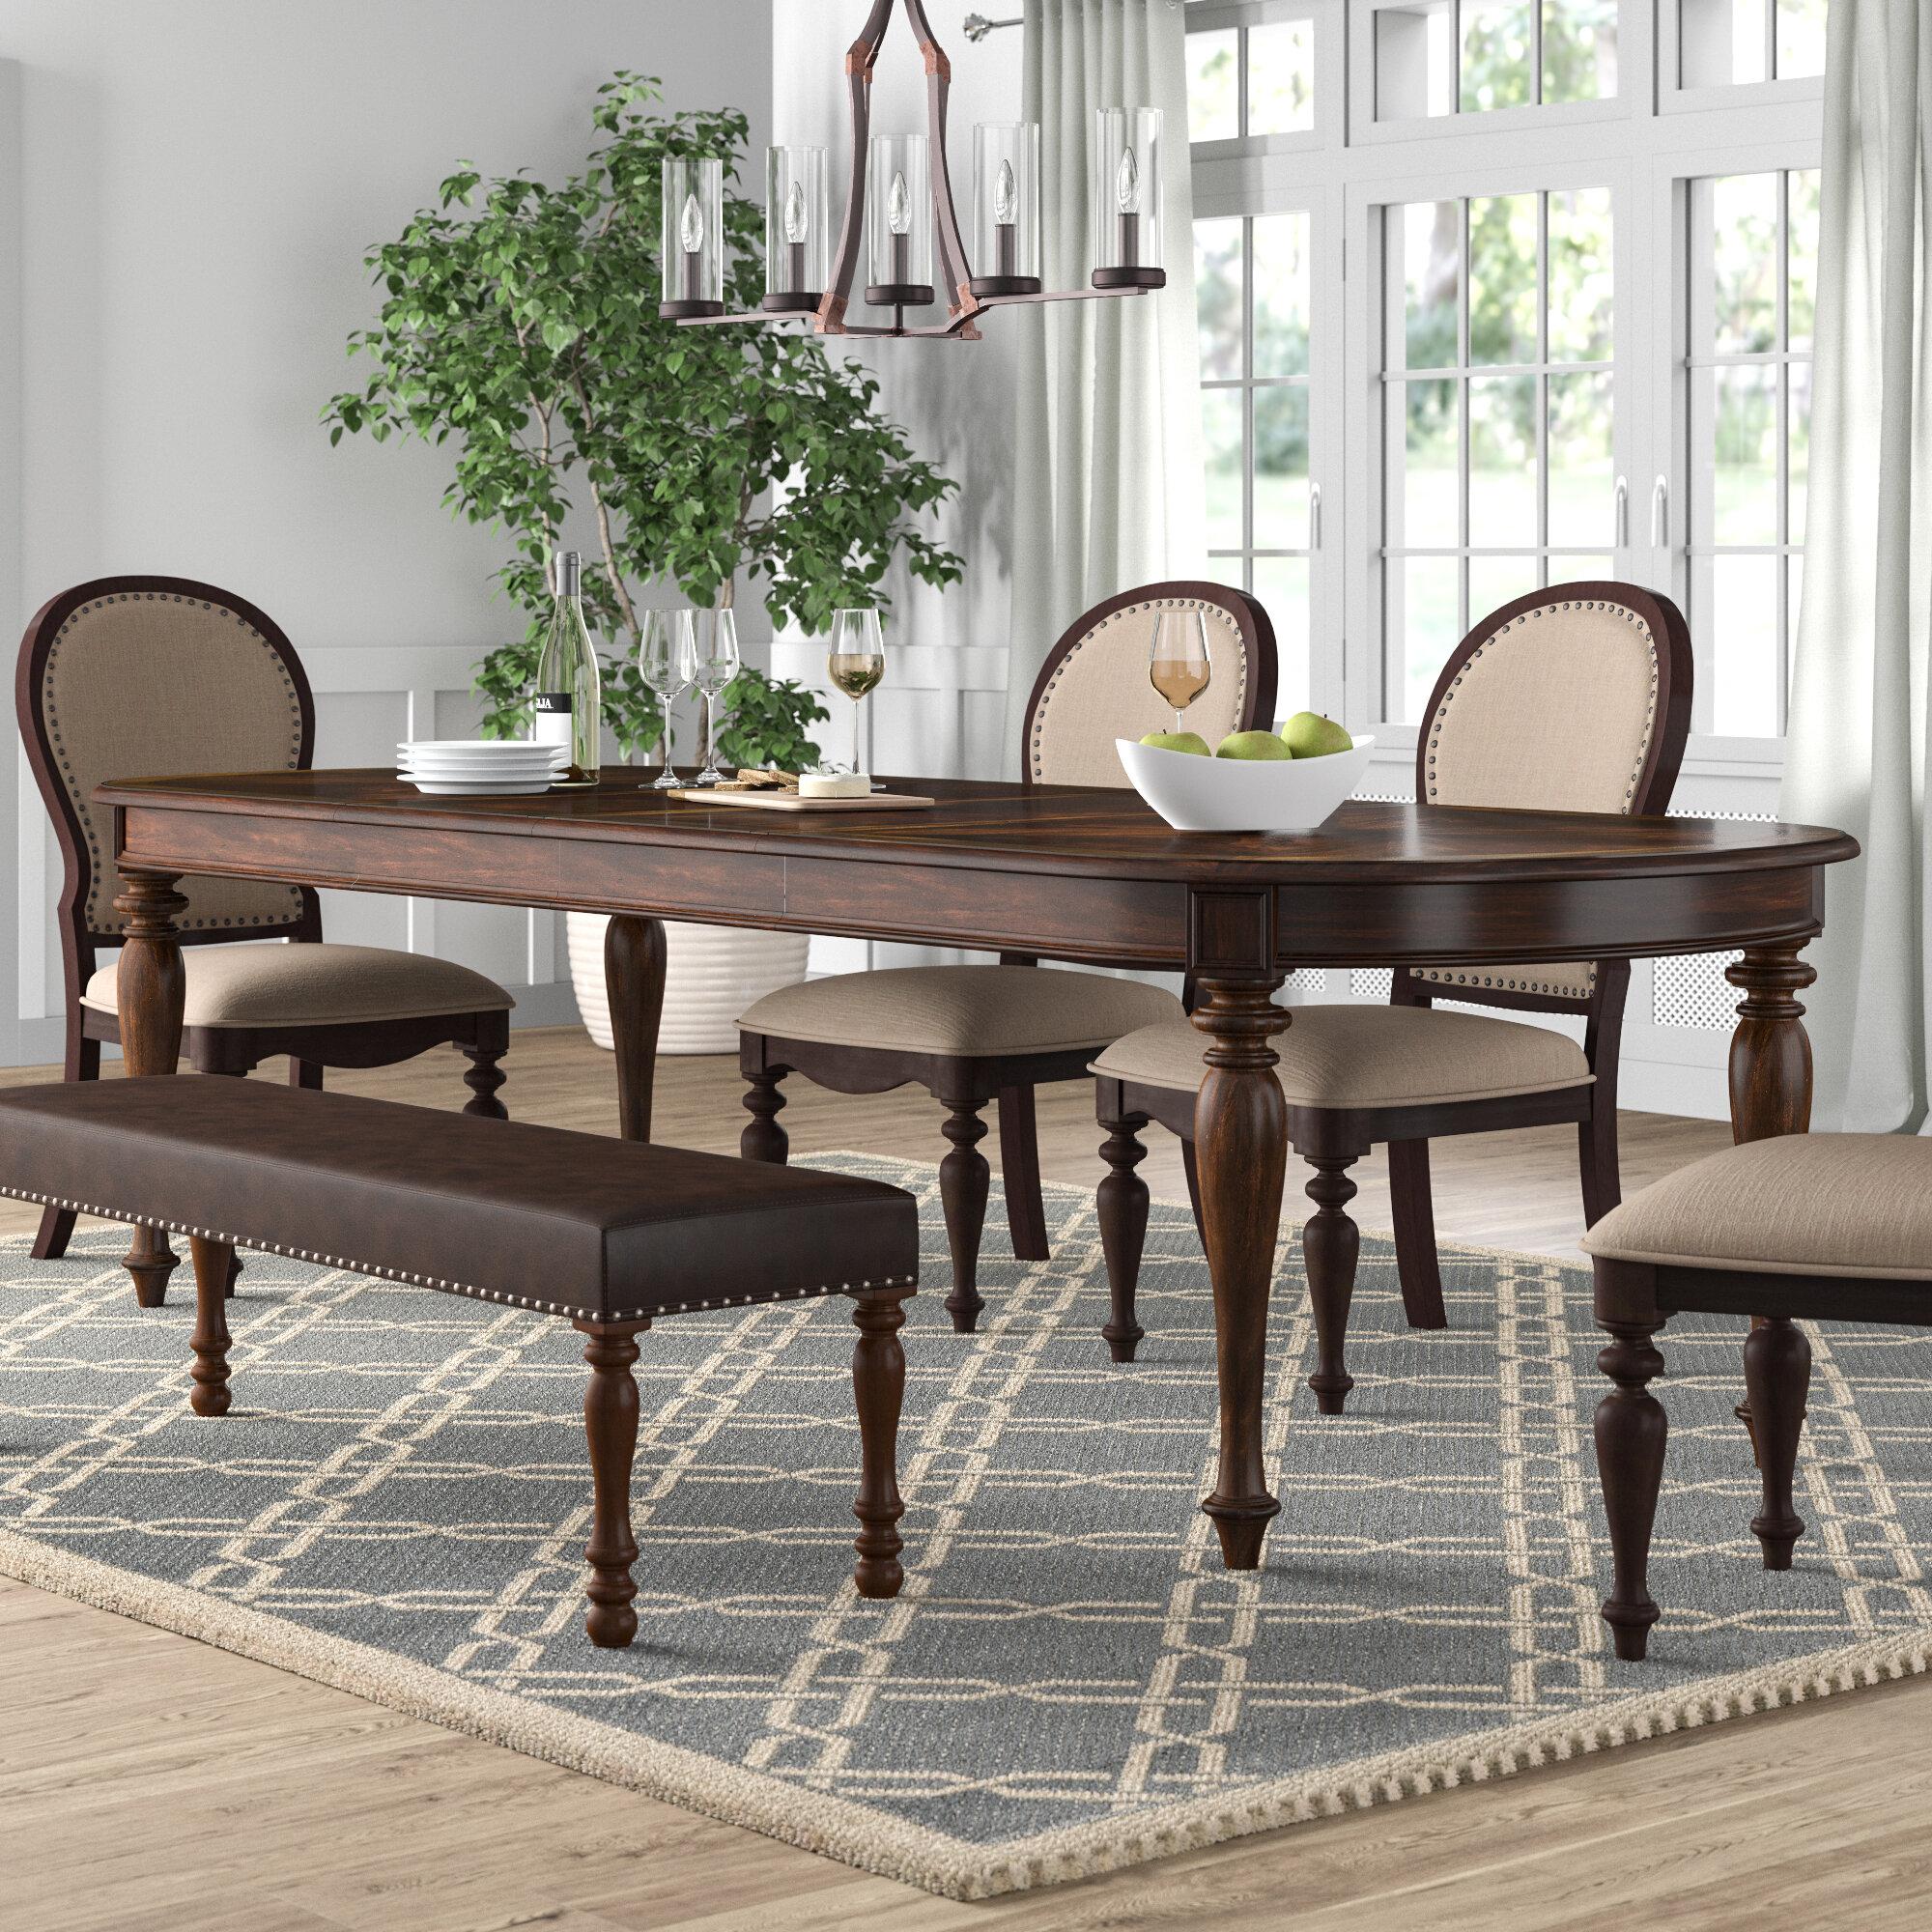 Merveilleux Hooker Furniture Leesburg Extendable Dining Table | Wayfair